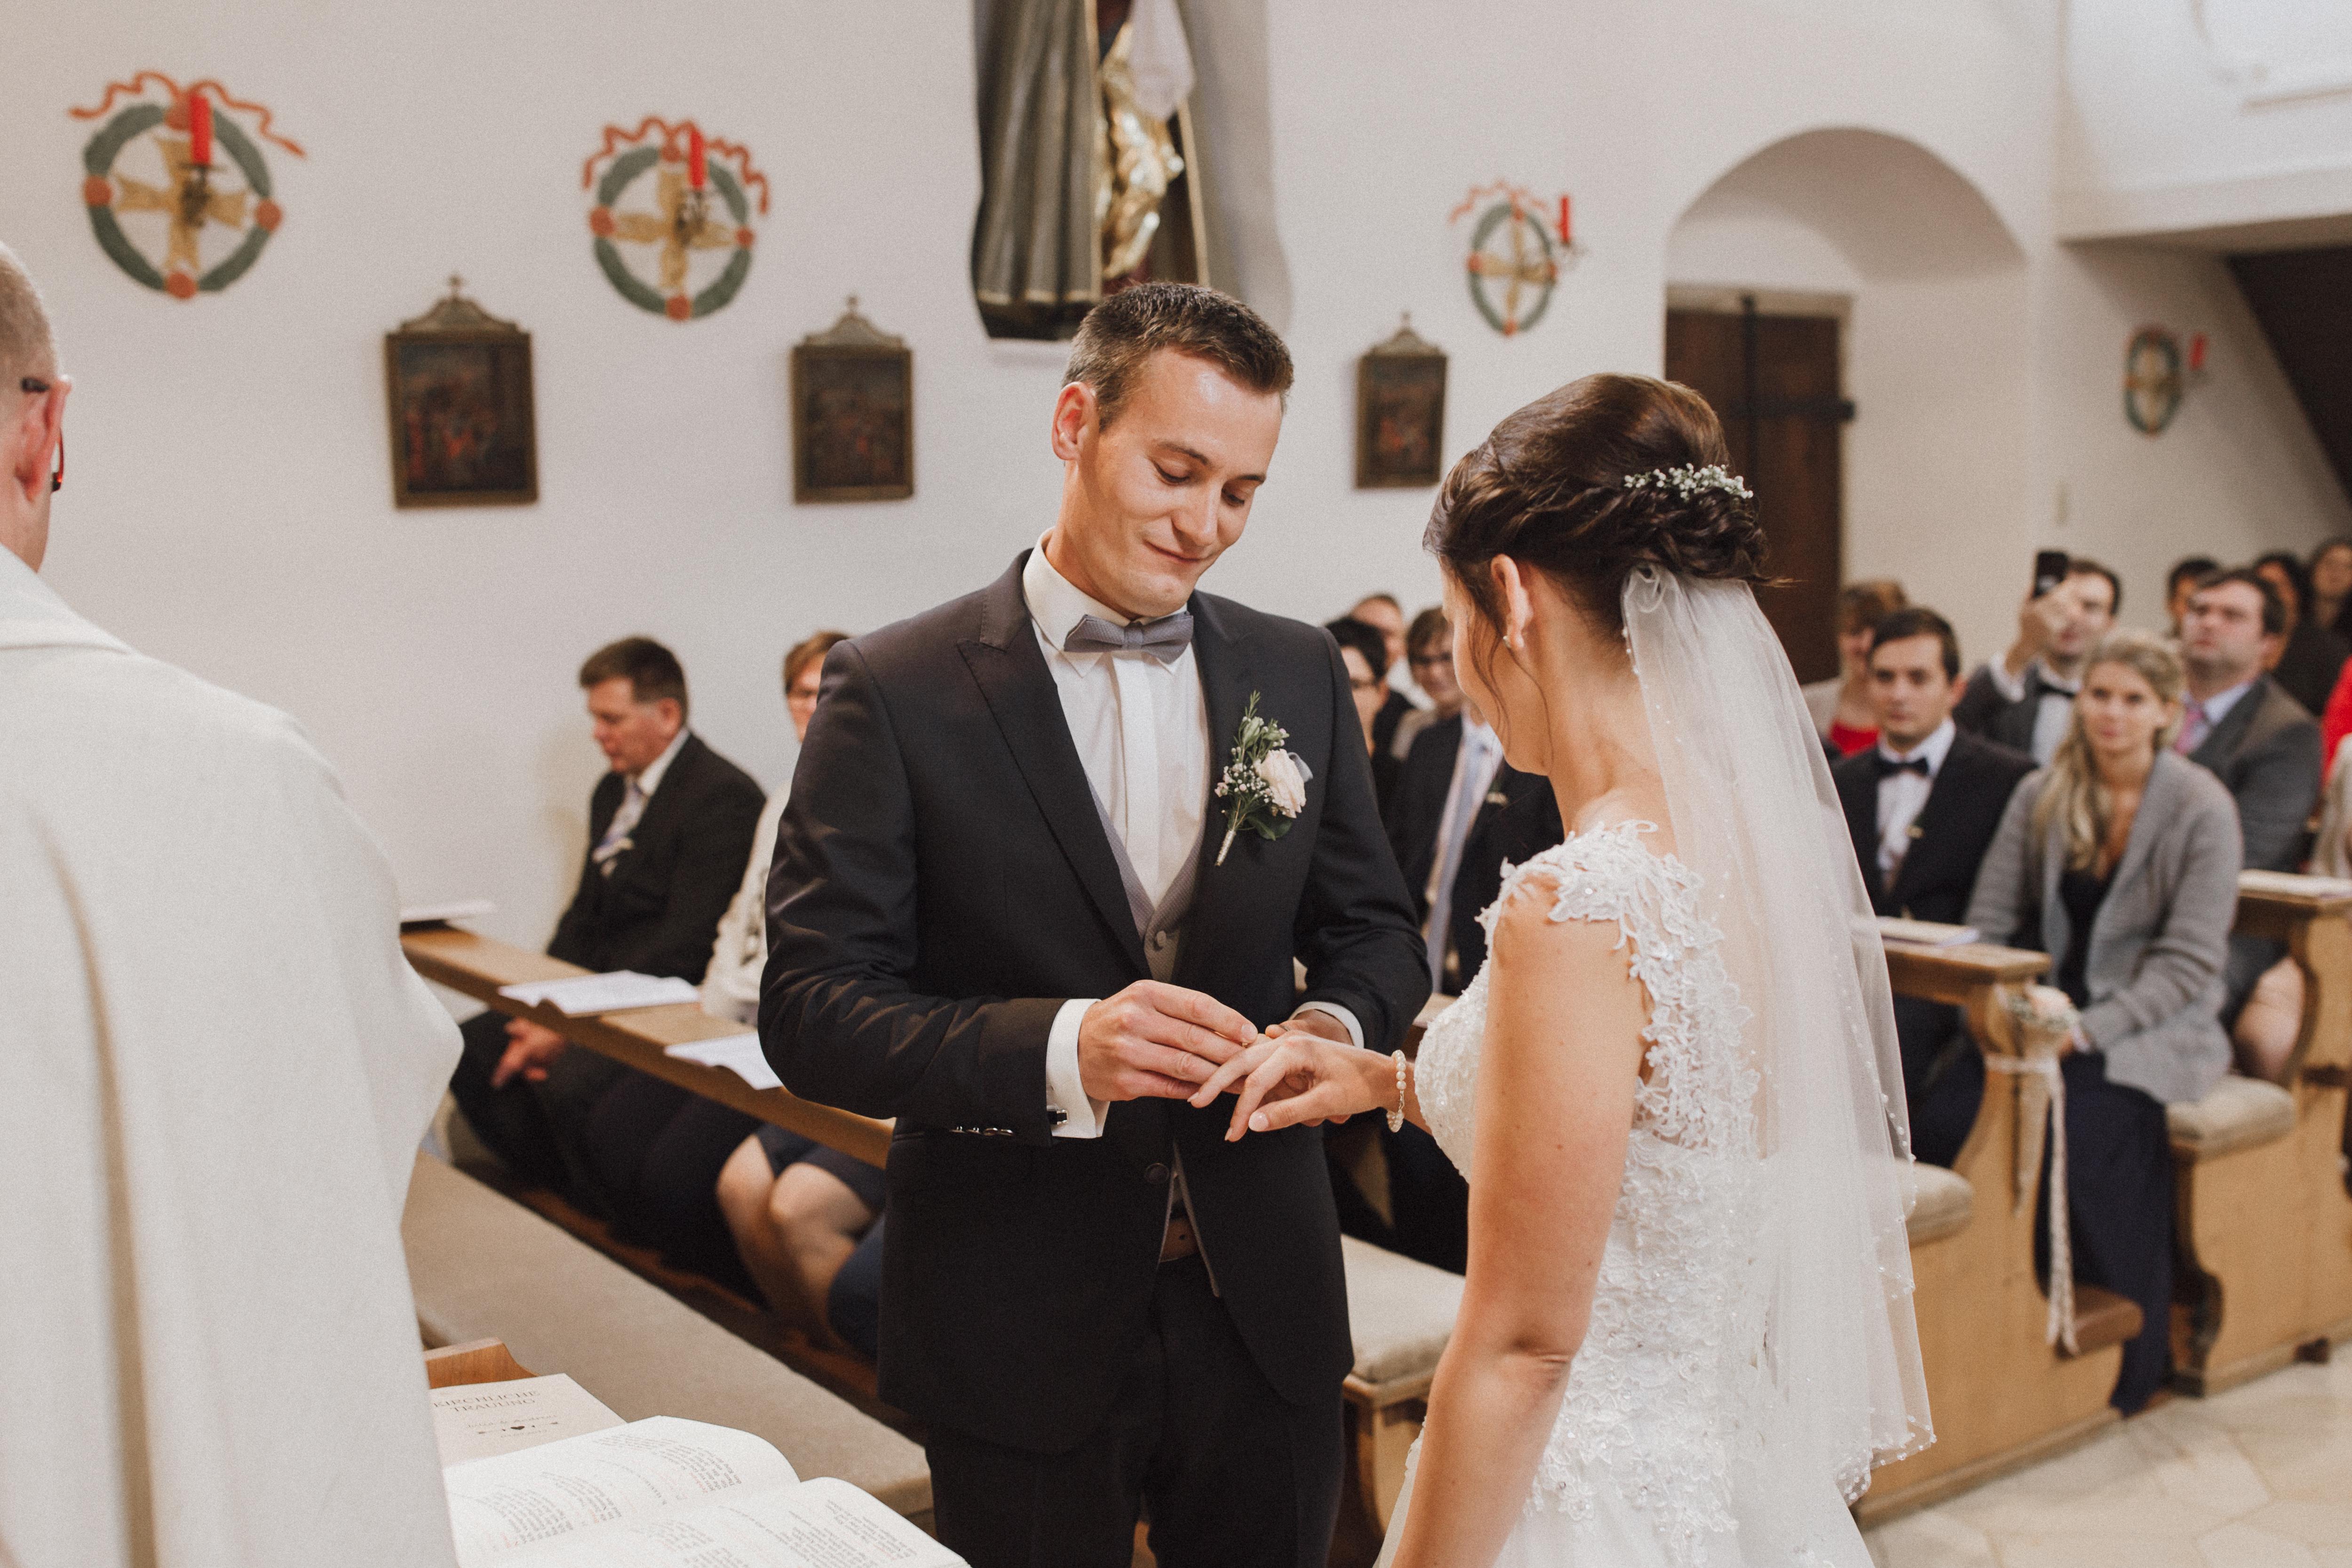 URBANERIE_Daniela_Goth_Hochzeitsfotografin_Nürnberg_Fürth_Erlangen_Schwabach_170909_0077